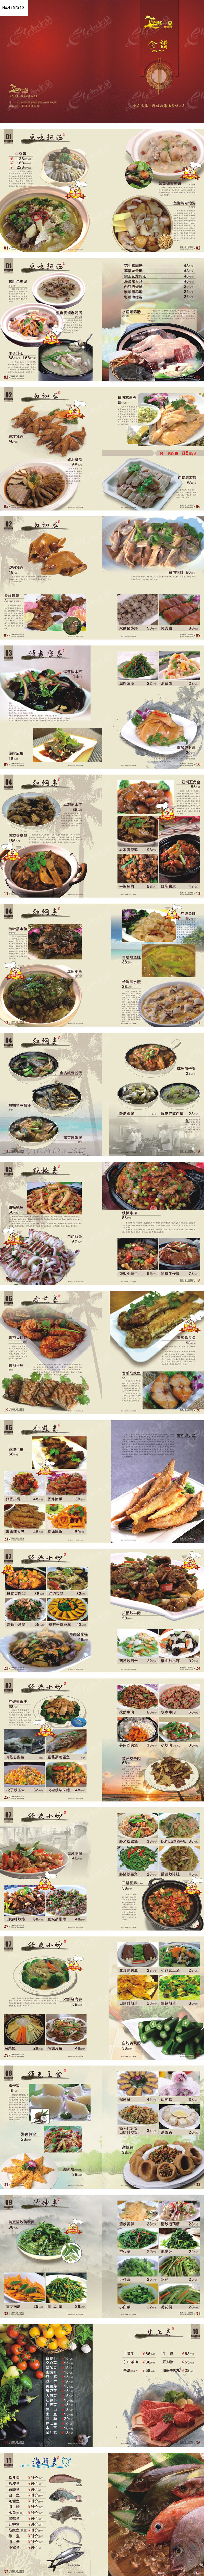 中餐菜单设计怎么做得创意十足?10款大方简约的中餐菜单设计分享